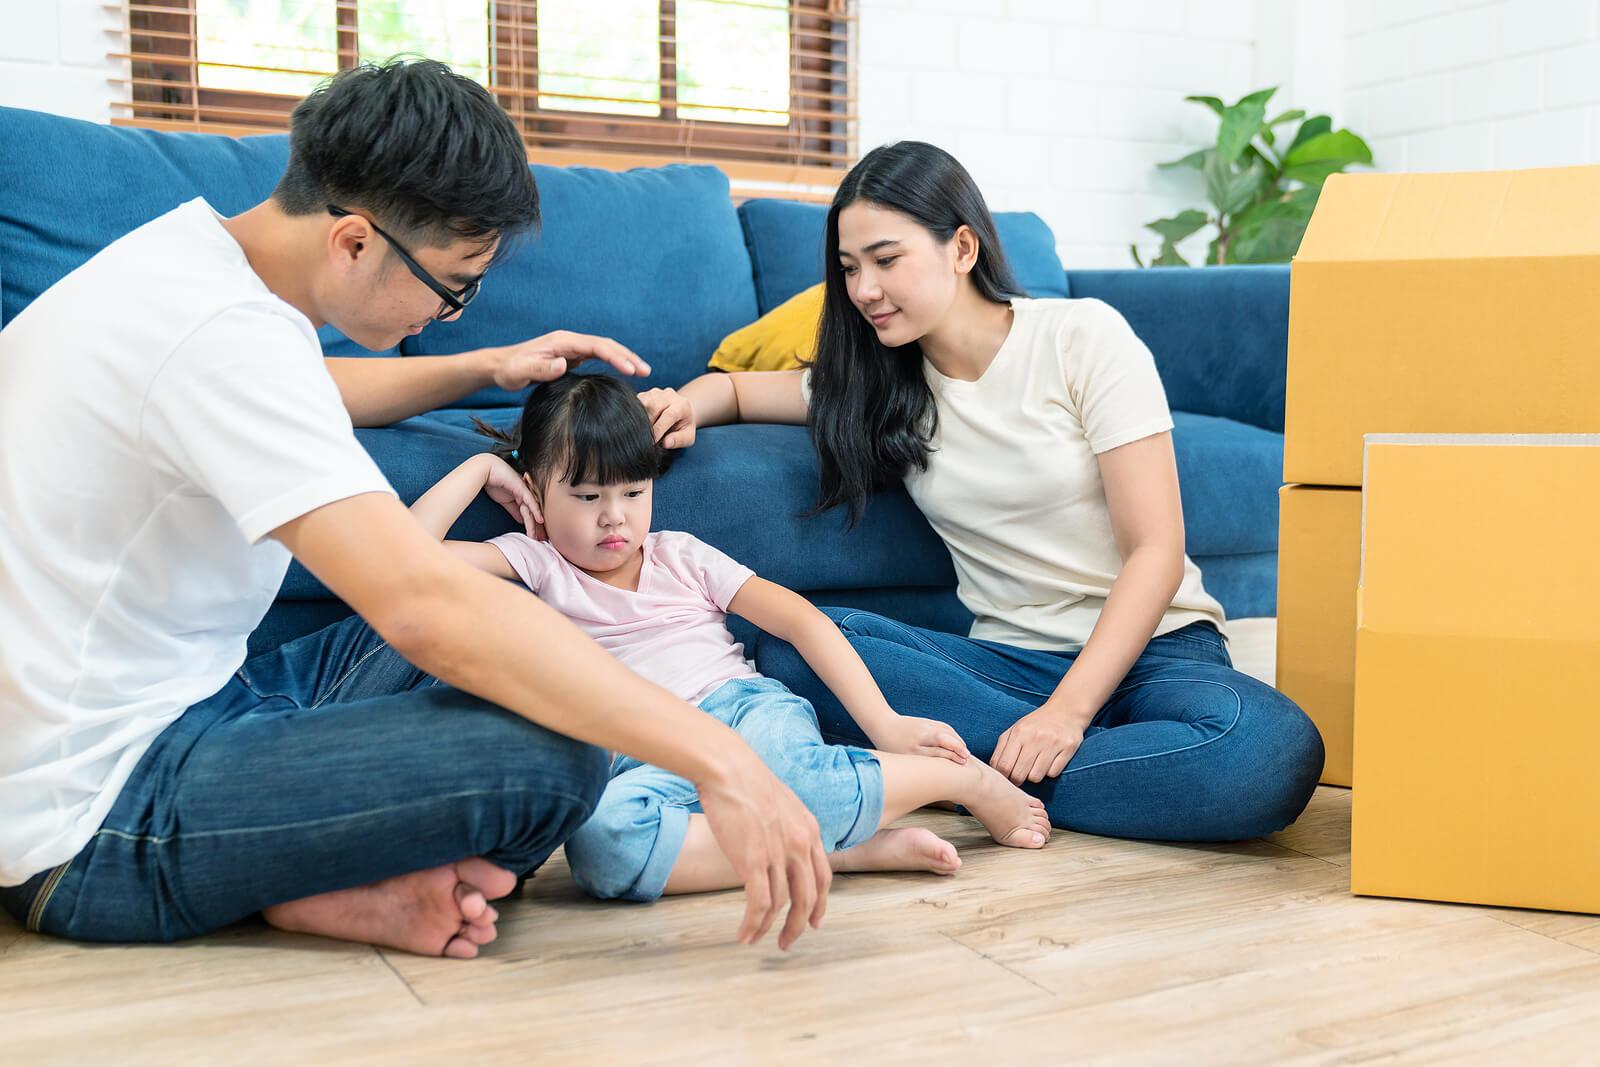 Padres hablando con su hija sobre cómo afectan los estilos parentales a sus fortalezas.